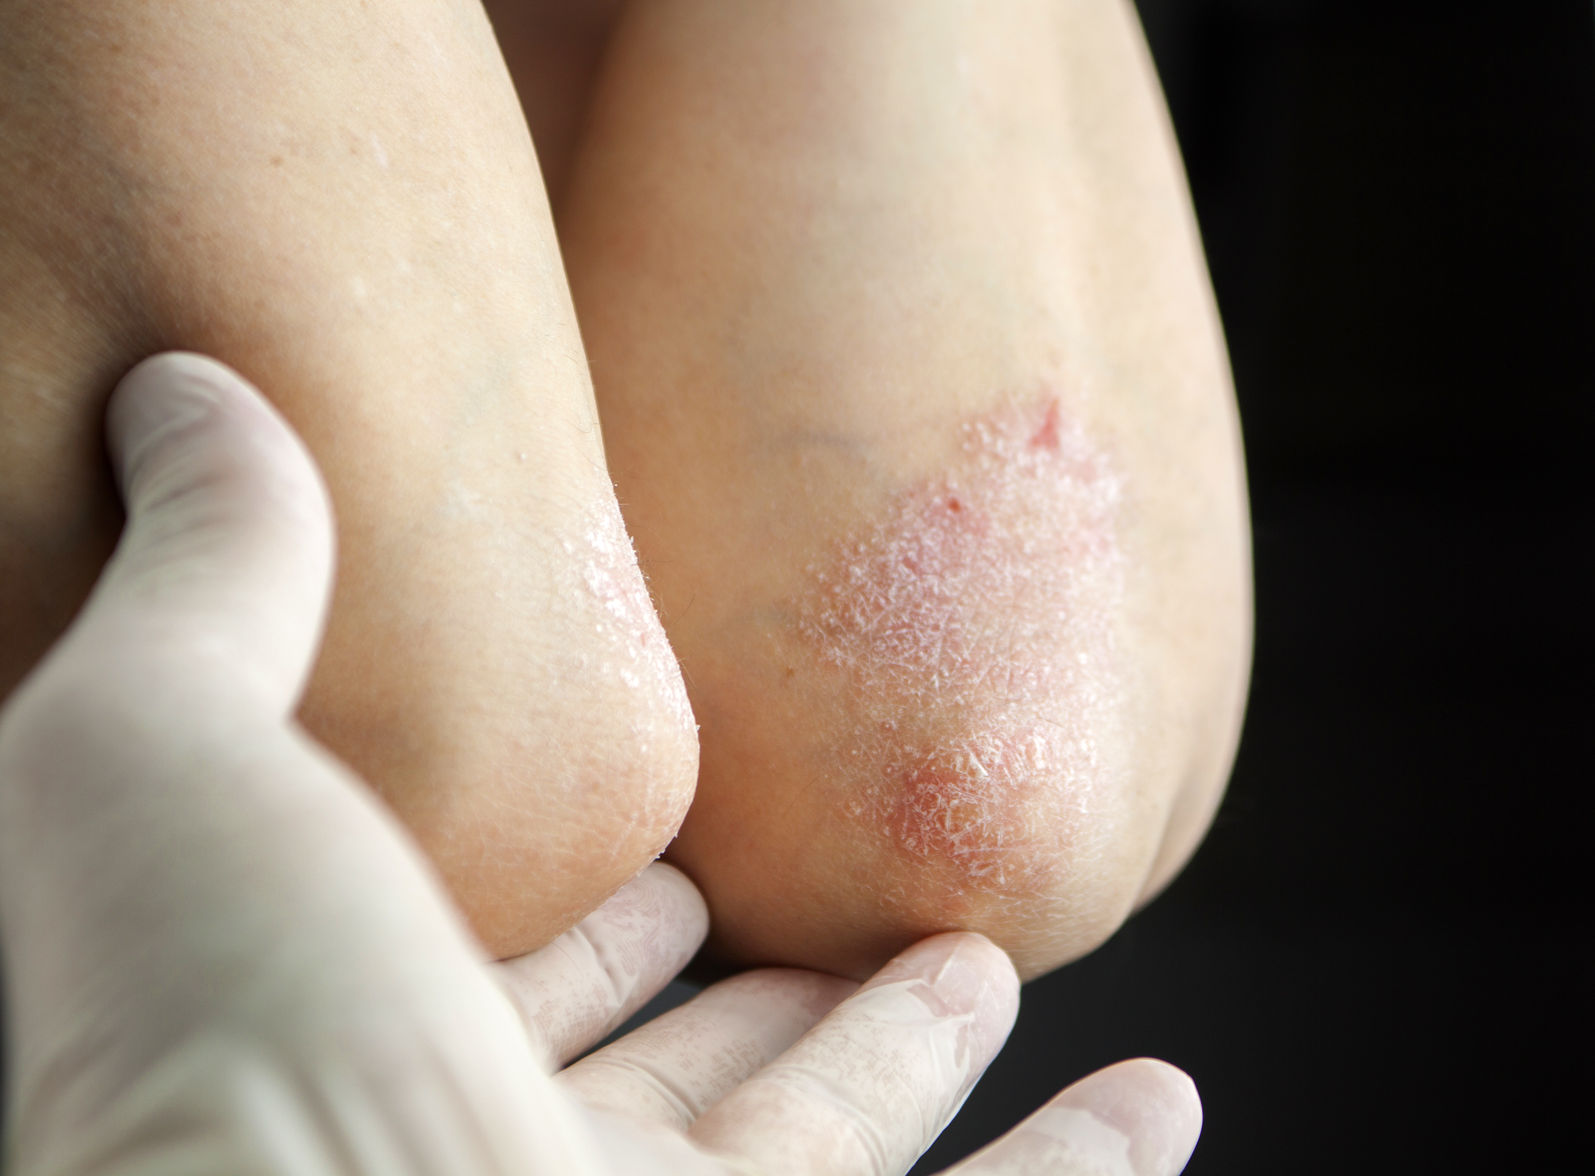 Сухие локти: причина и лечение. Почему на локтях очень сухая кожа?